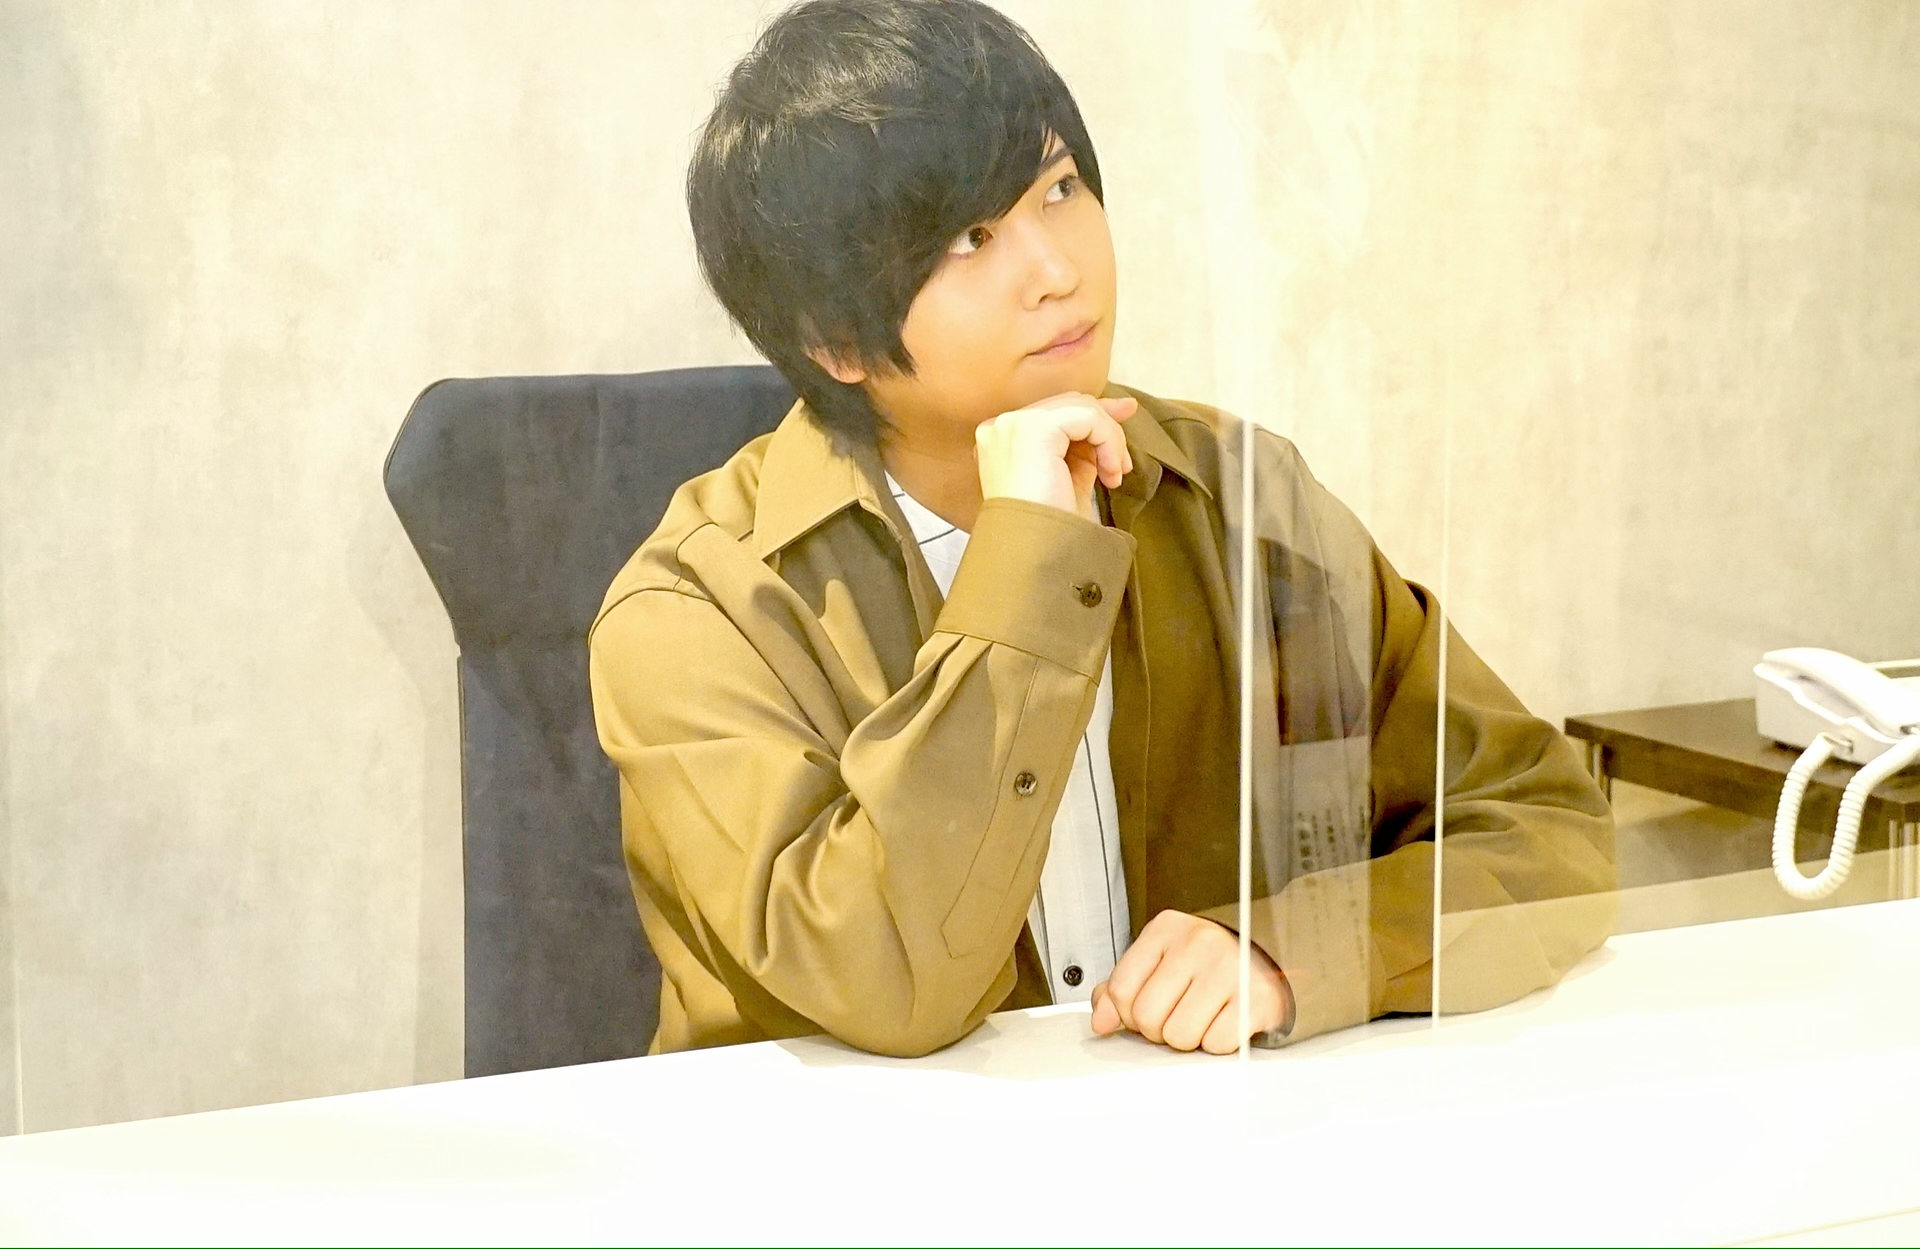 アニメーション映画『ふりふら』もしも斉藤壮馬さんだったらどうする?作品を通した恋愛観を語る【インタビュー後編】